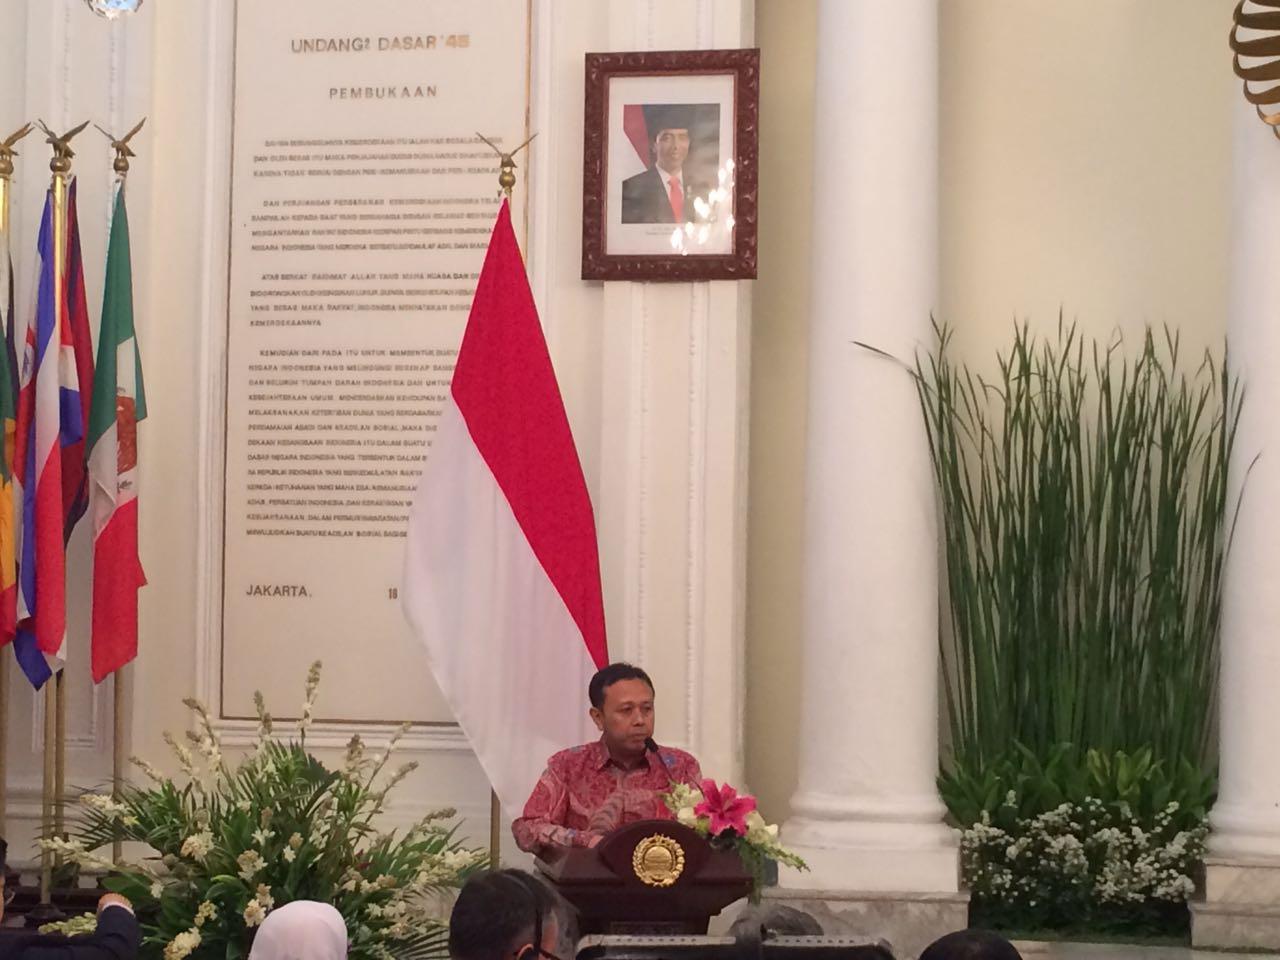 Ketua AKIM: Rakyat Indonesia Kirimkan Bantuan $ 2 Juta untuk Myanmar